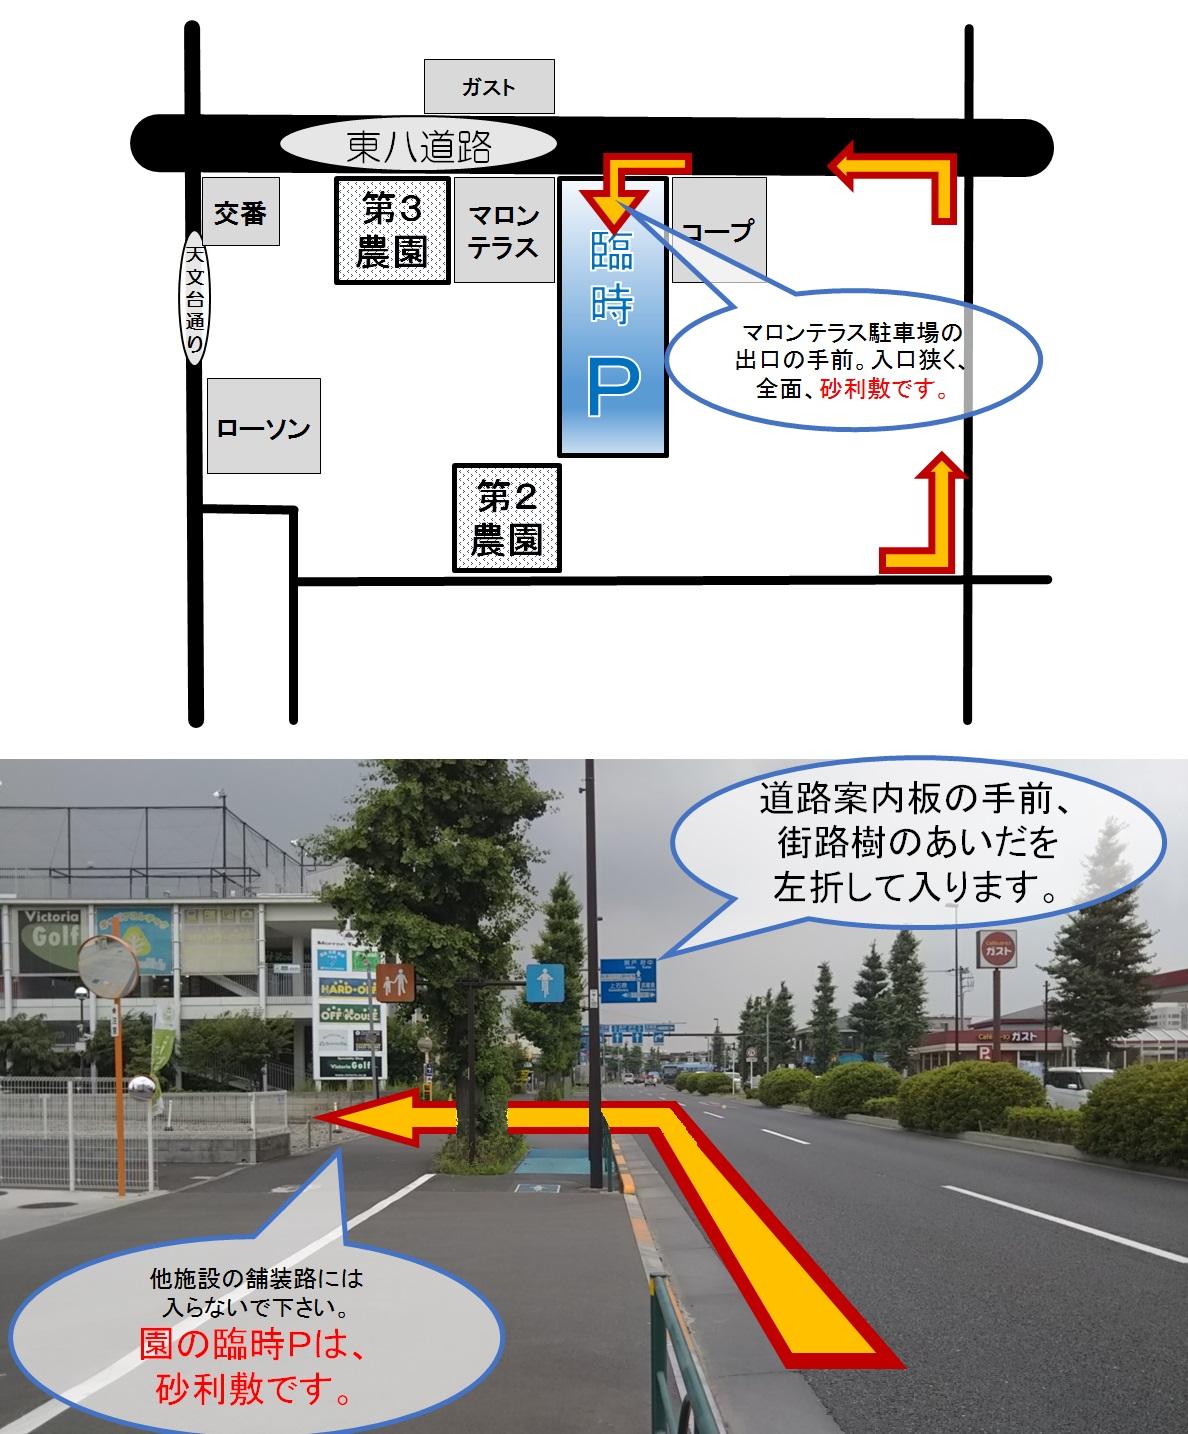 rinjiP.jpg